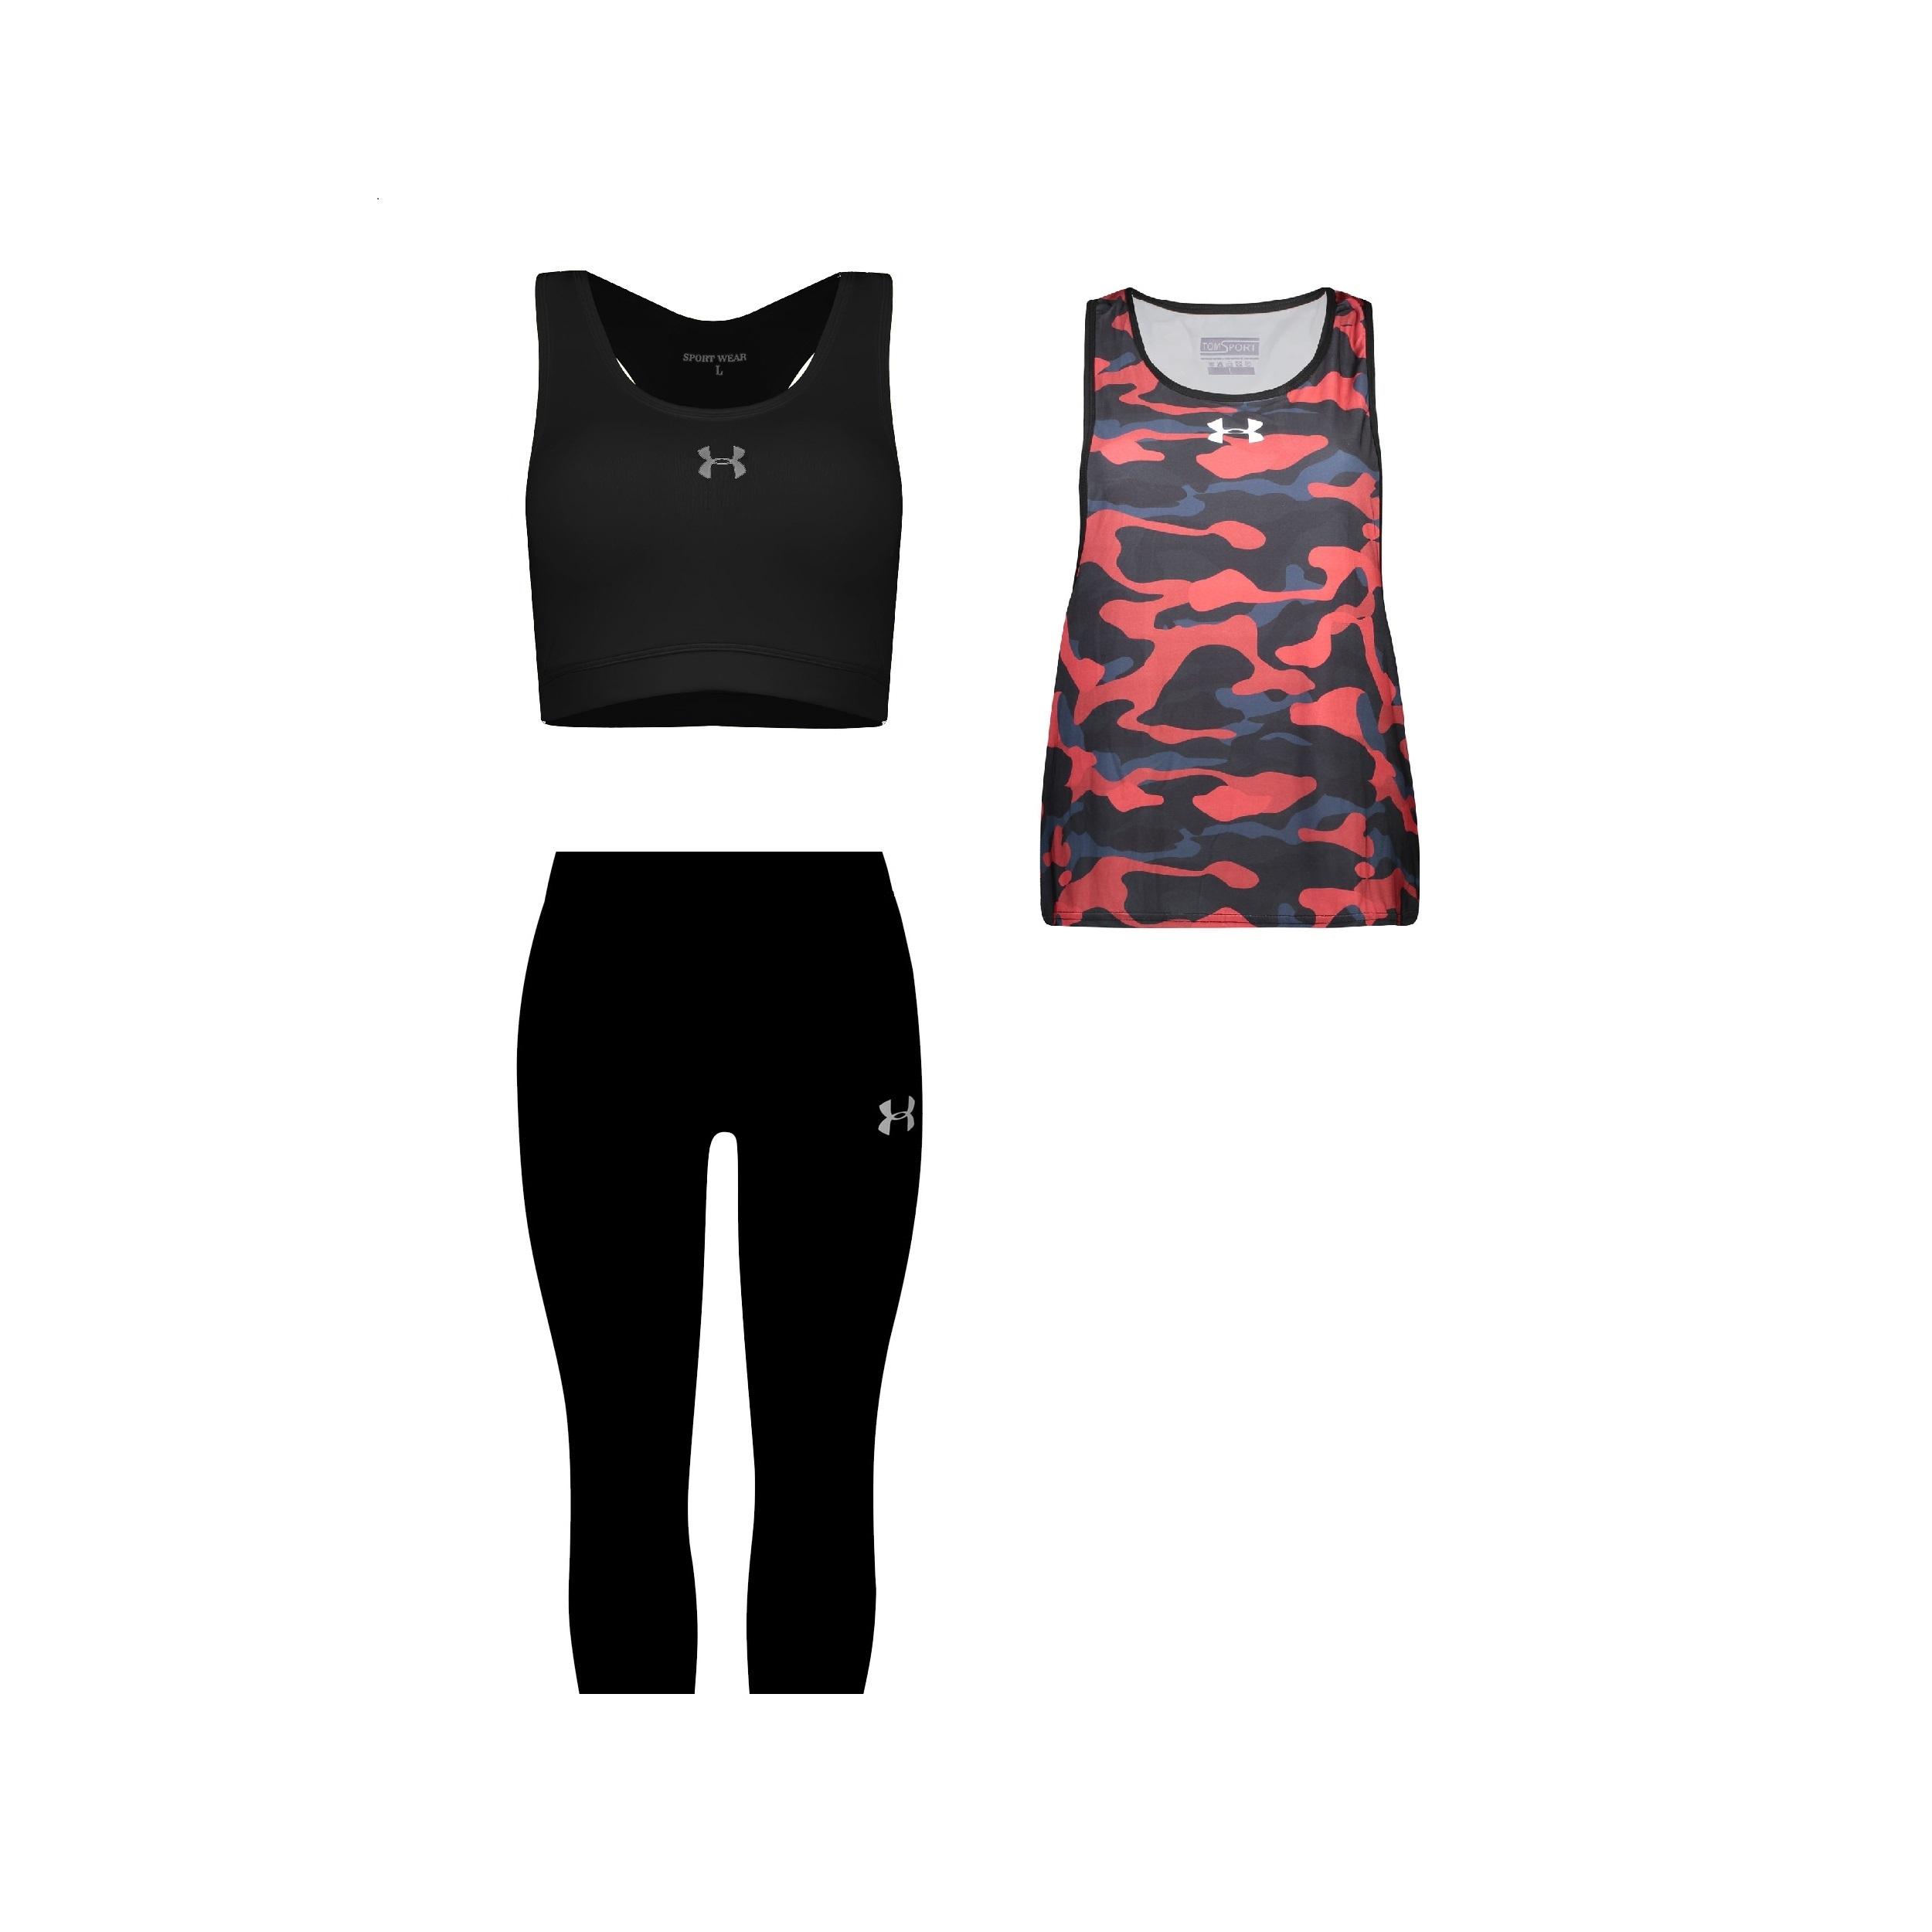 ست 3 تکه لباس ورزشی زنانه کد 580103